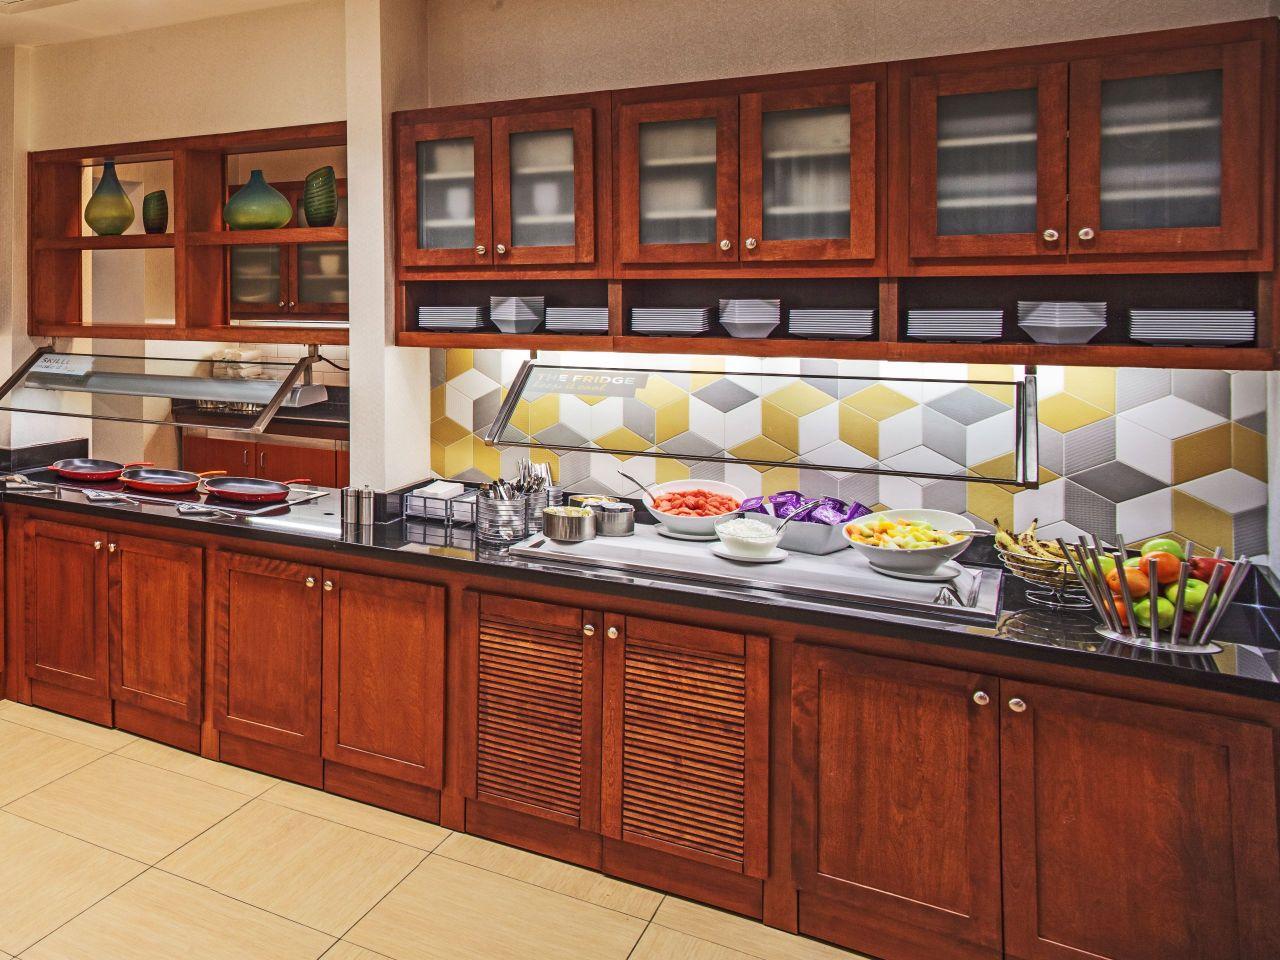 Hyatt Place Cincinnati / Blue Ash Kitchen Buffet